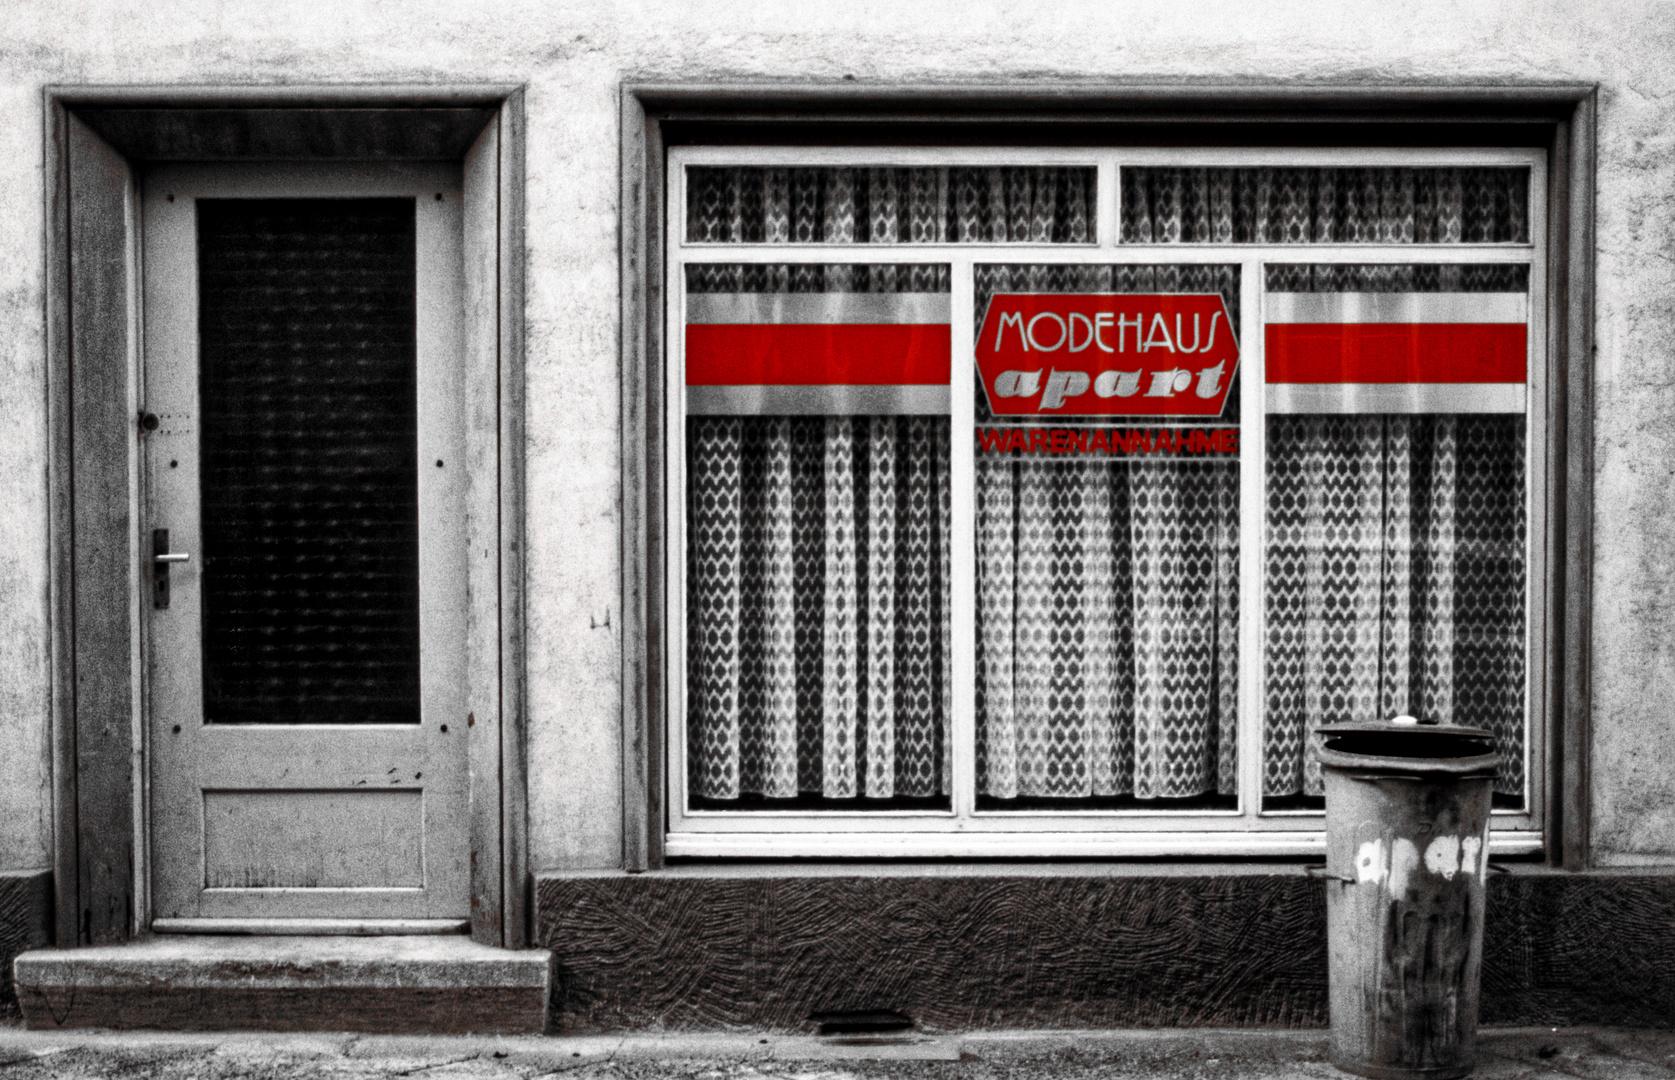 Modehaus Apart